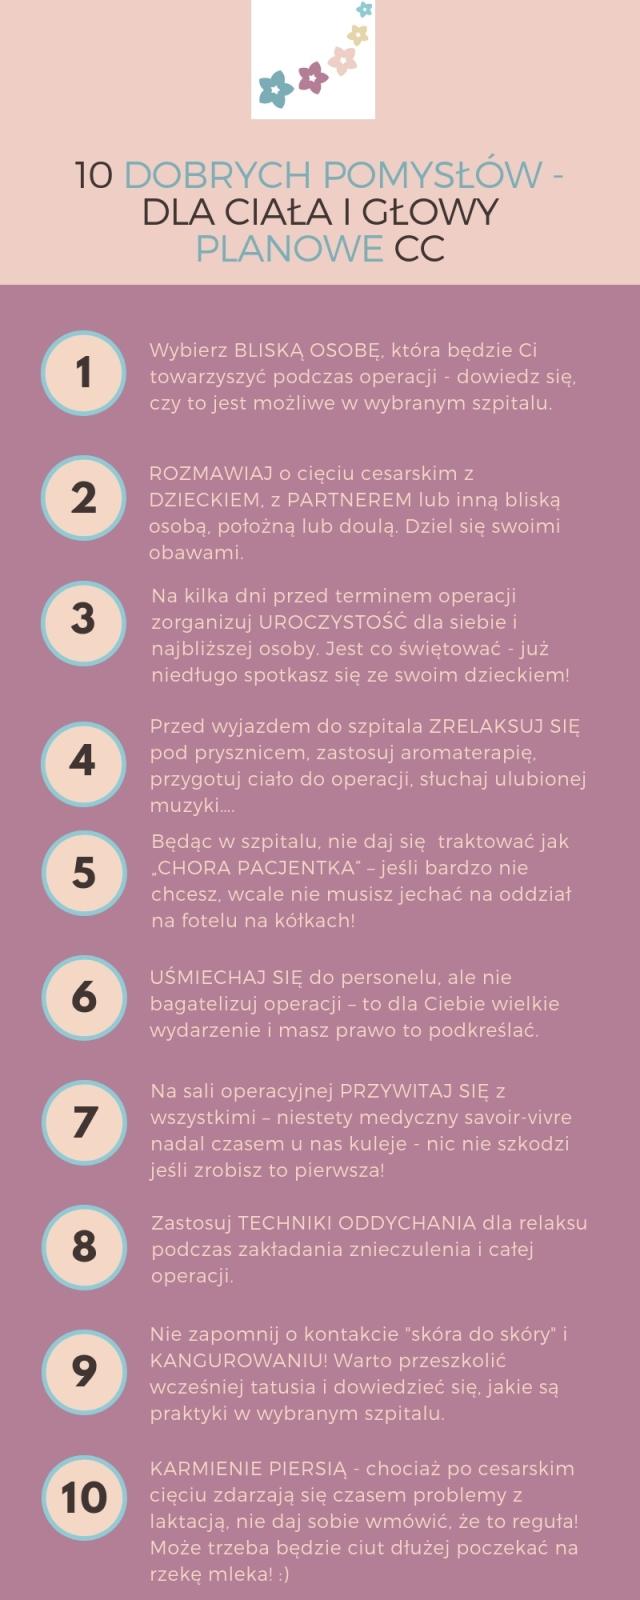 10 dobrych pomysłów dla ciała i główy_planowe cc_doulaNova